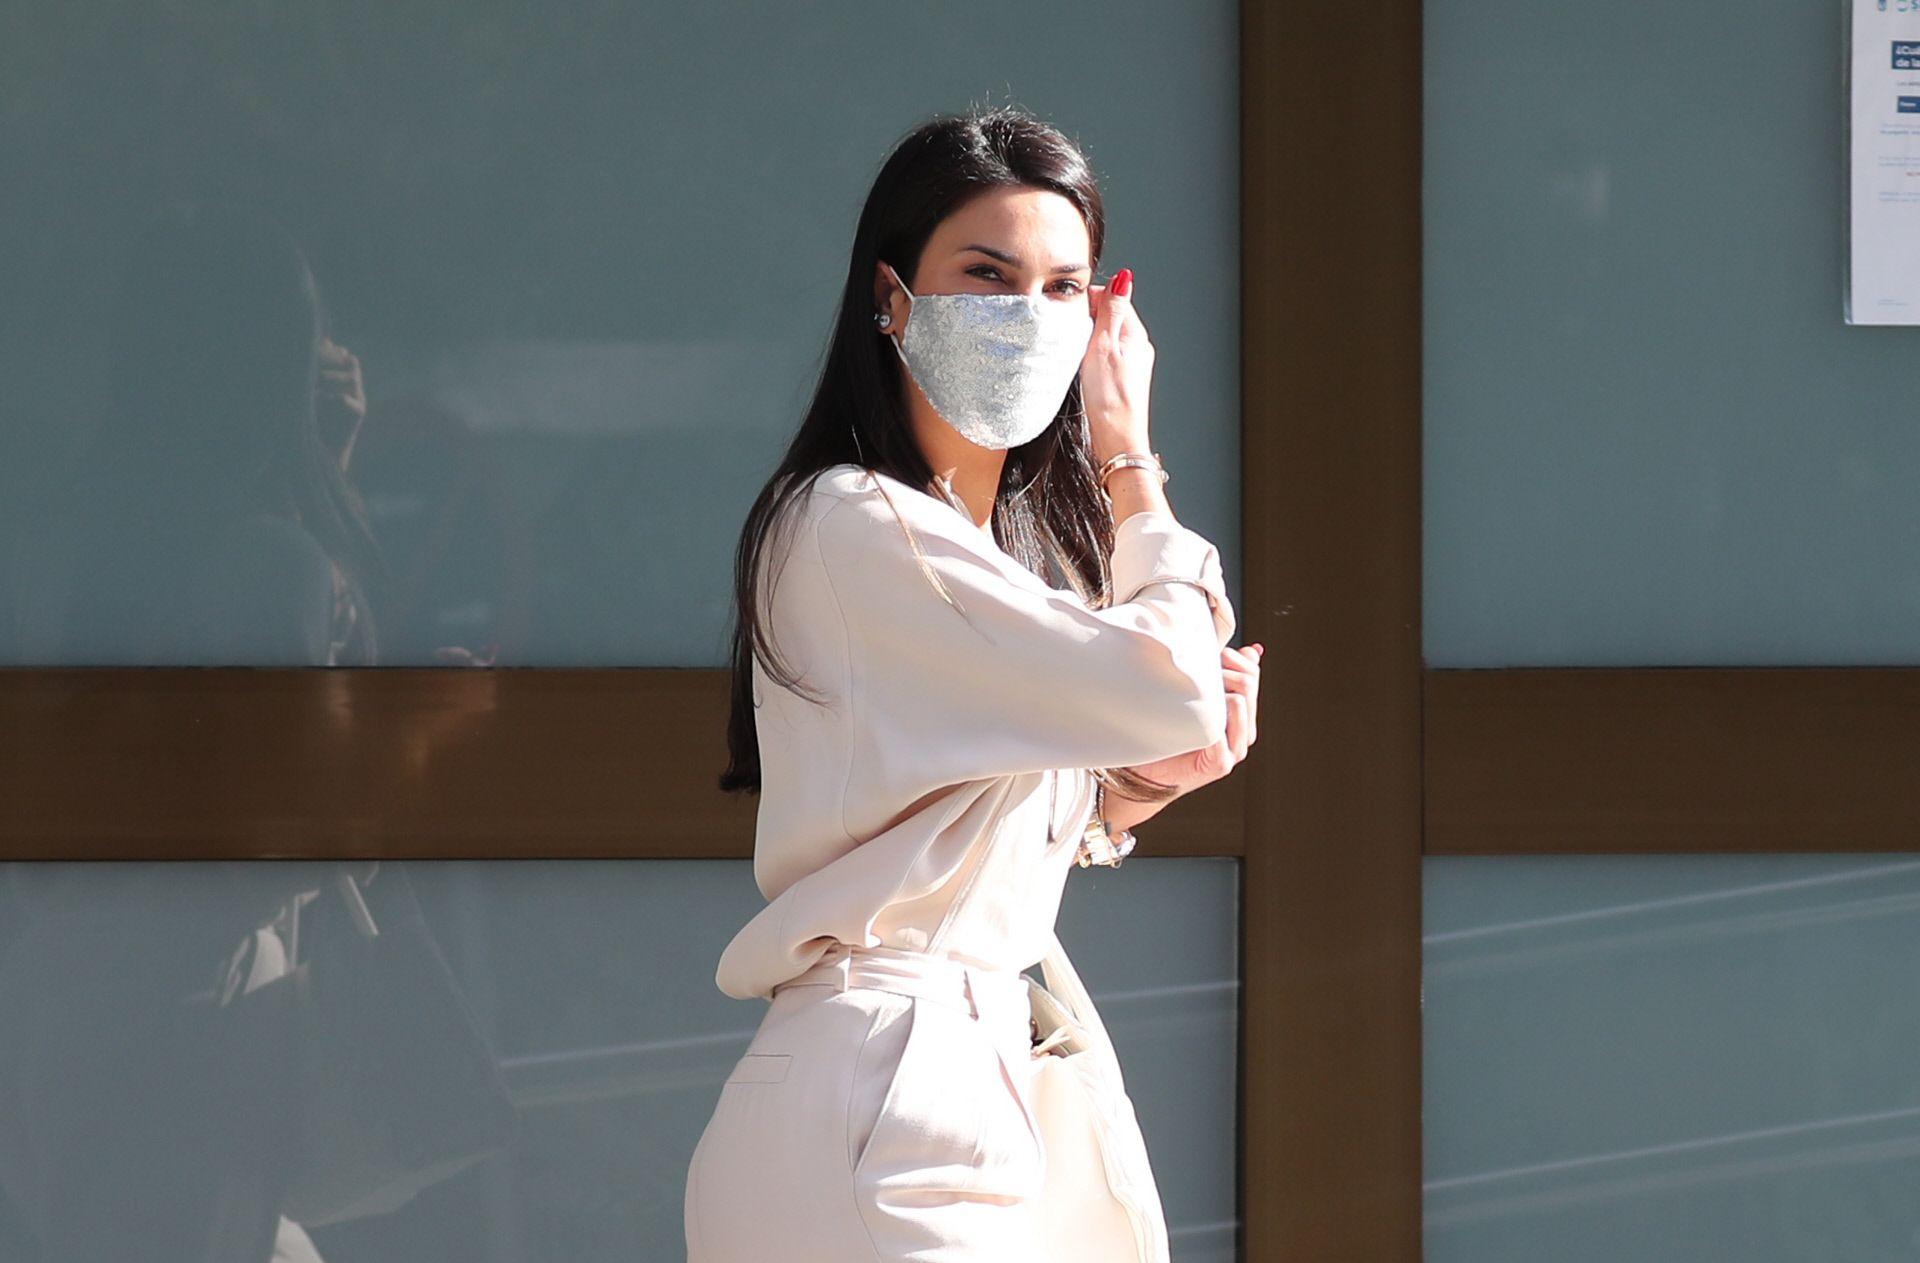 Carla Barber preocupa a sus seguidores con una foto desde el hospital